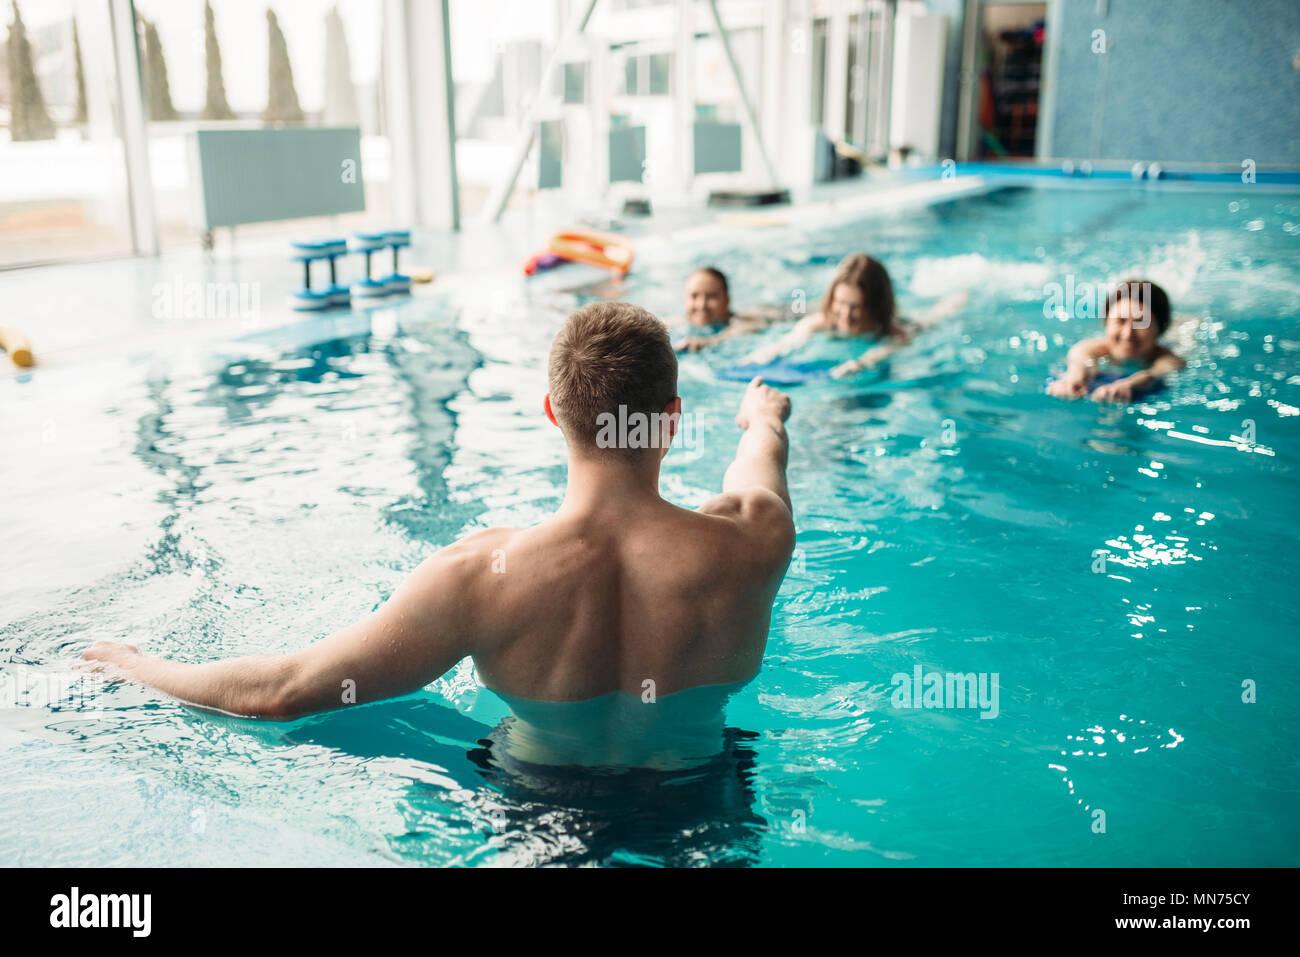 d498d7cef523 Istruttore maschio lavora con femmina sulla classe di allenamento in piscina.  Corsi di aerobica in acqua formazione, sport d'acqua